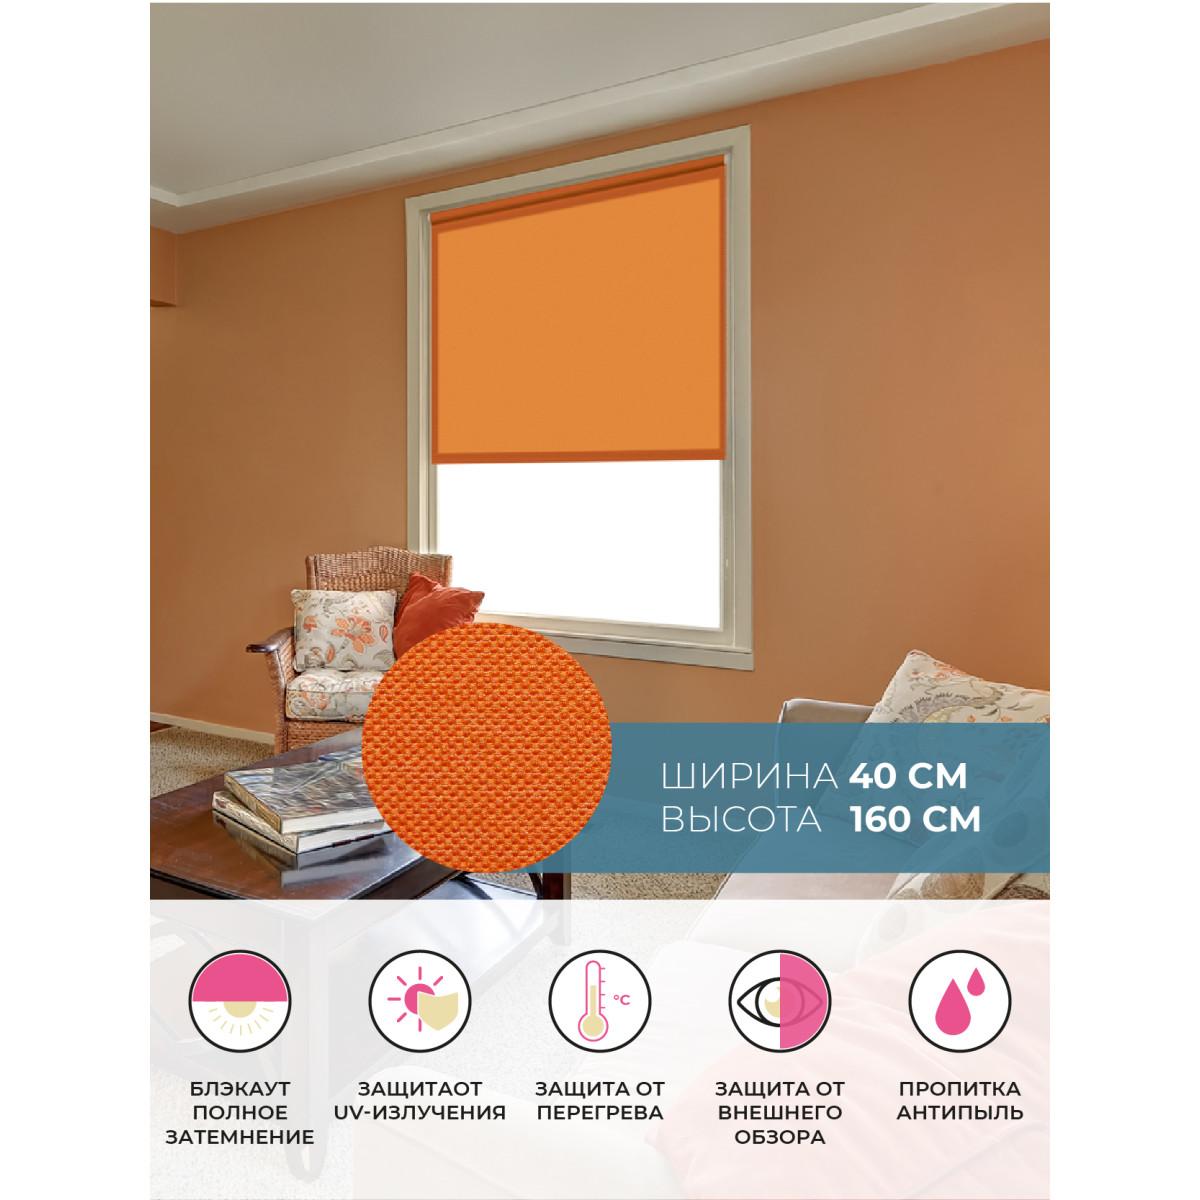 Рулонная Ора Decofest Блэкаут Плайн 40Х160 Цвет Оранжевый